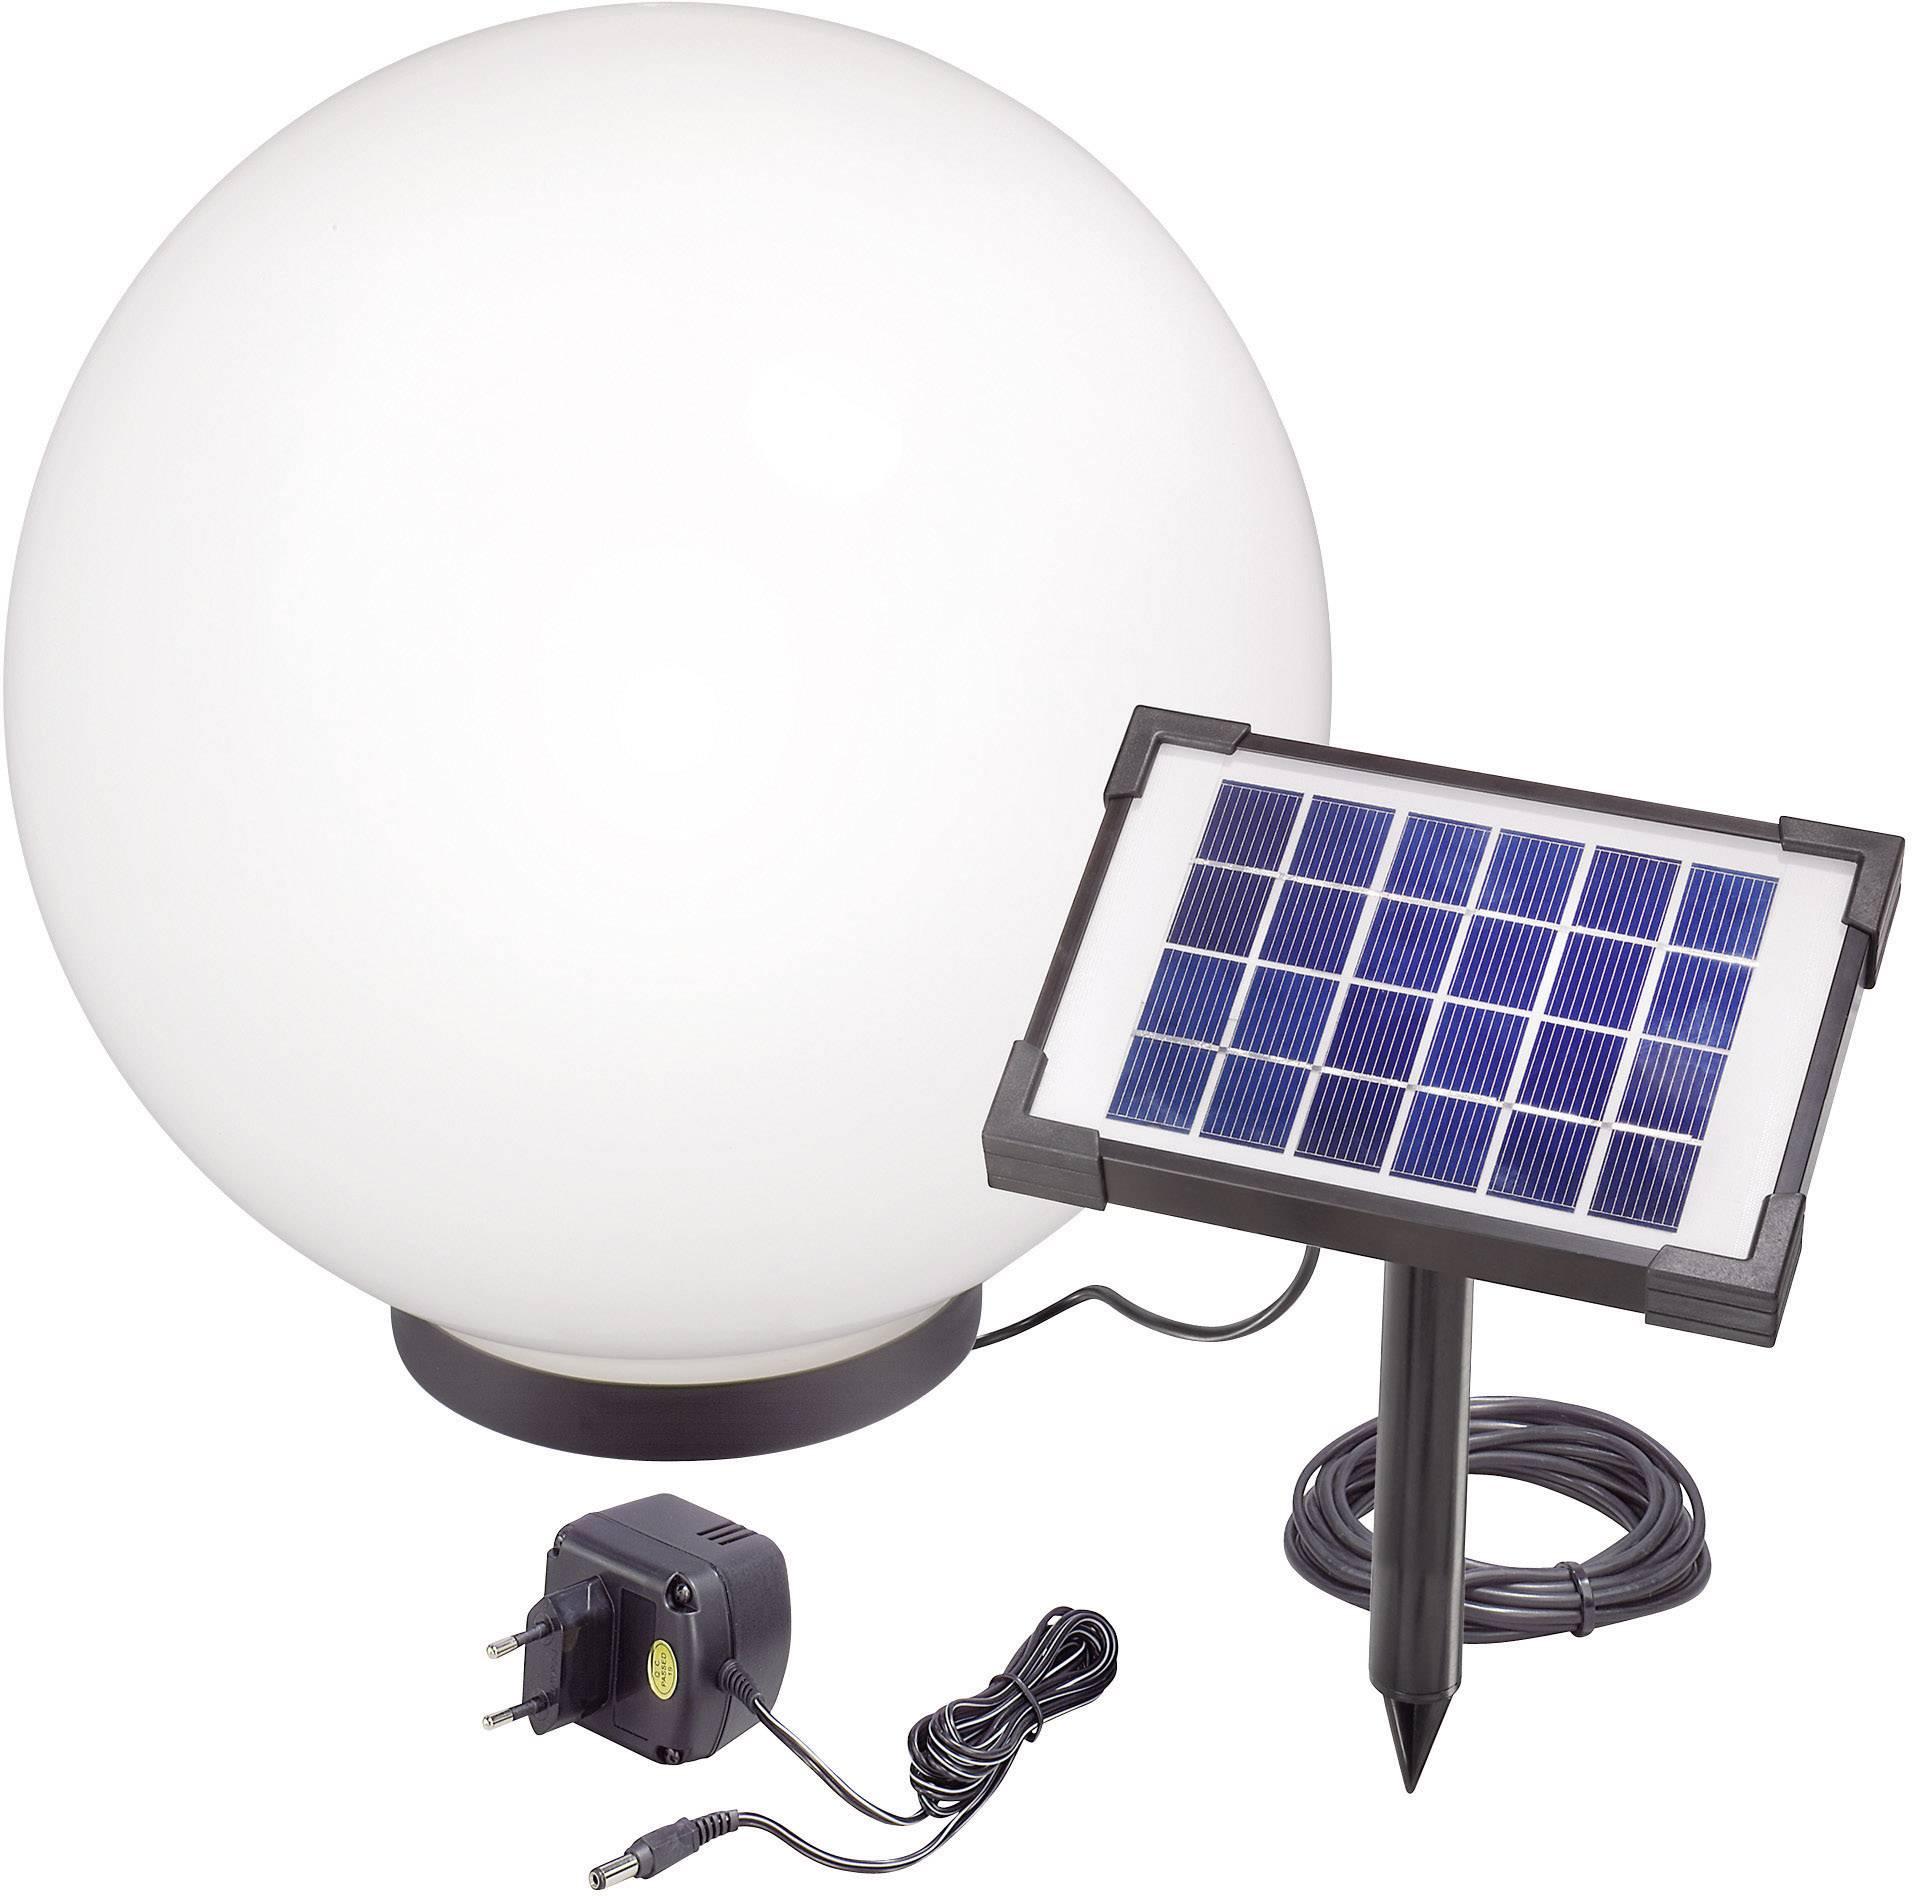 LED solárna guľa Esotec Mega 40 106038, Ø 40 cm, čierna, biela, RGB